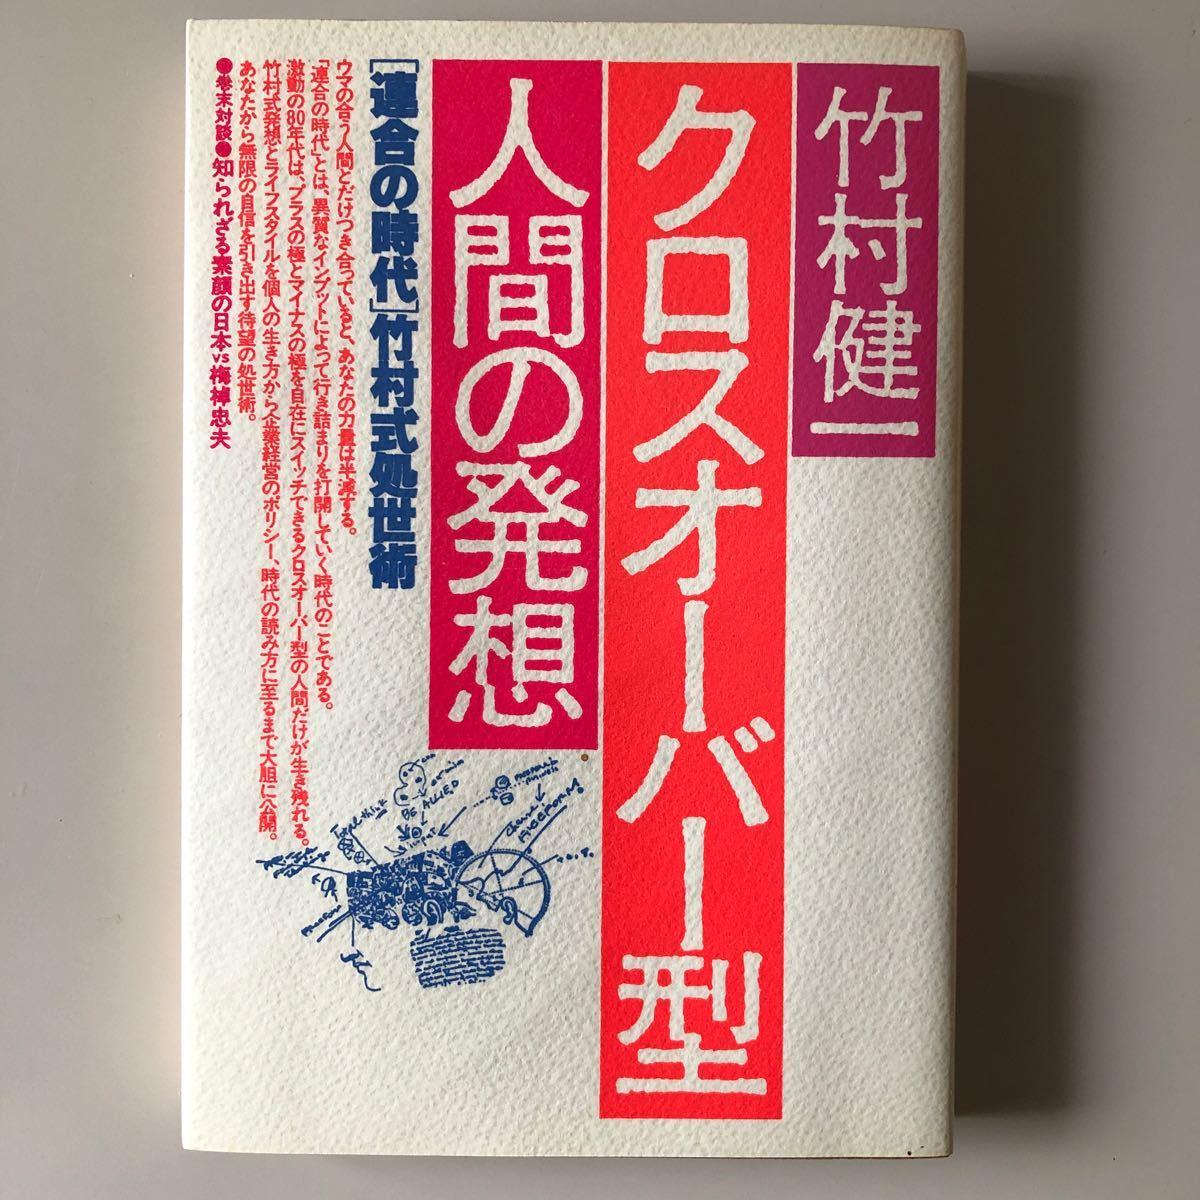 竹村健一著 クロスオーバー型人間の発想